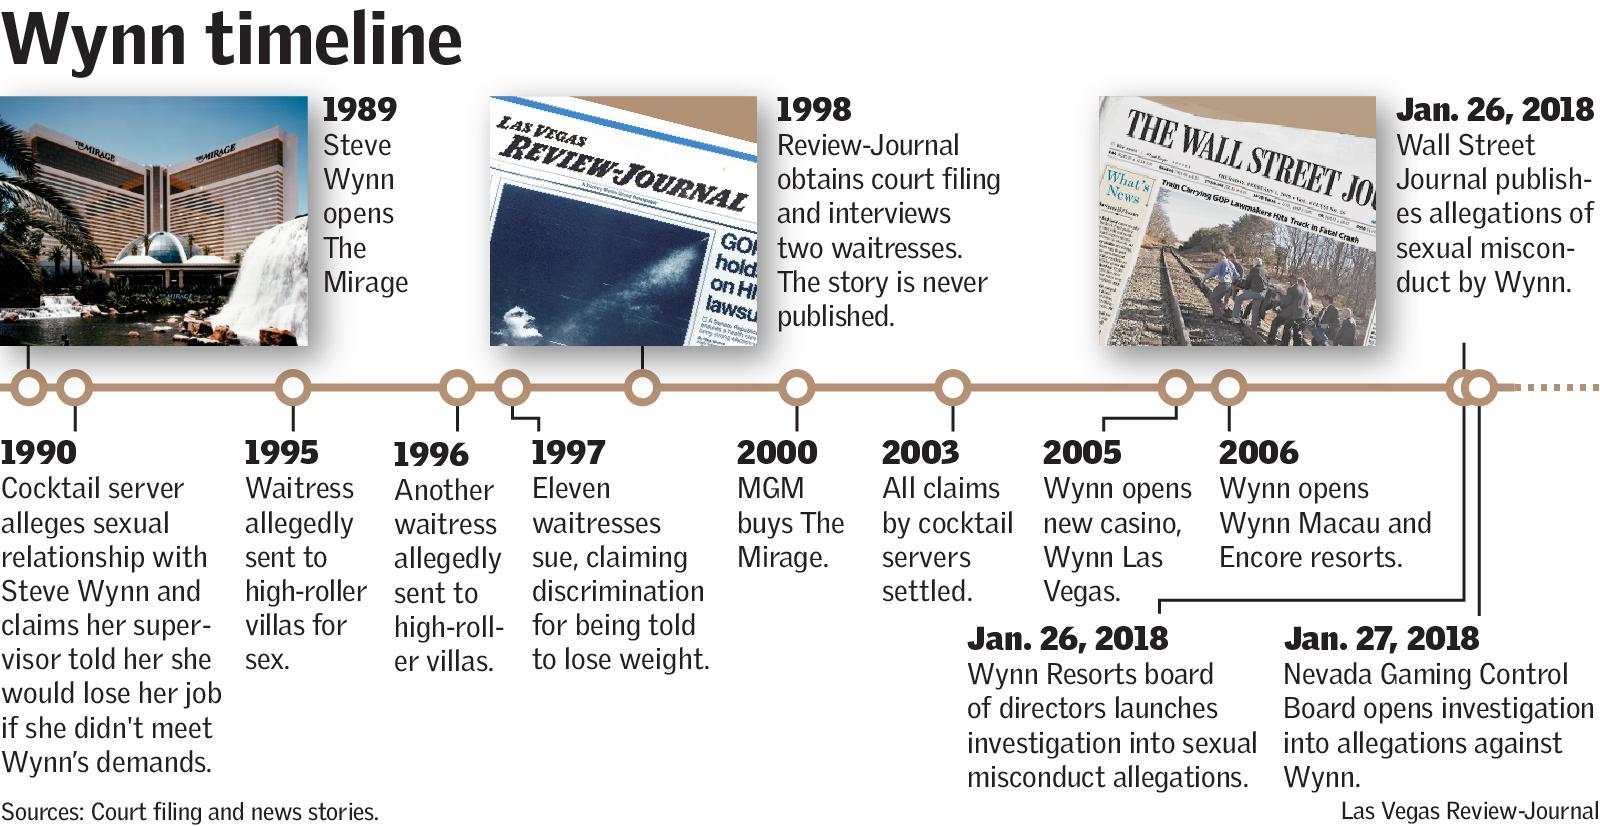 Wynn Timeline